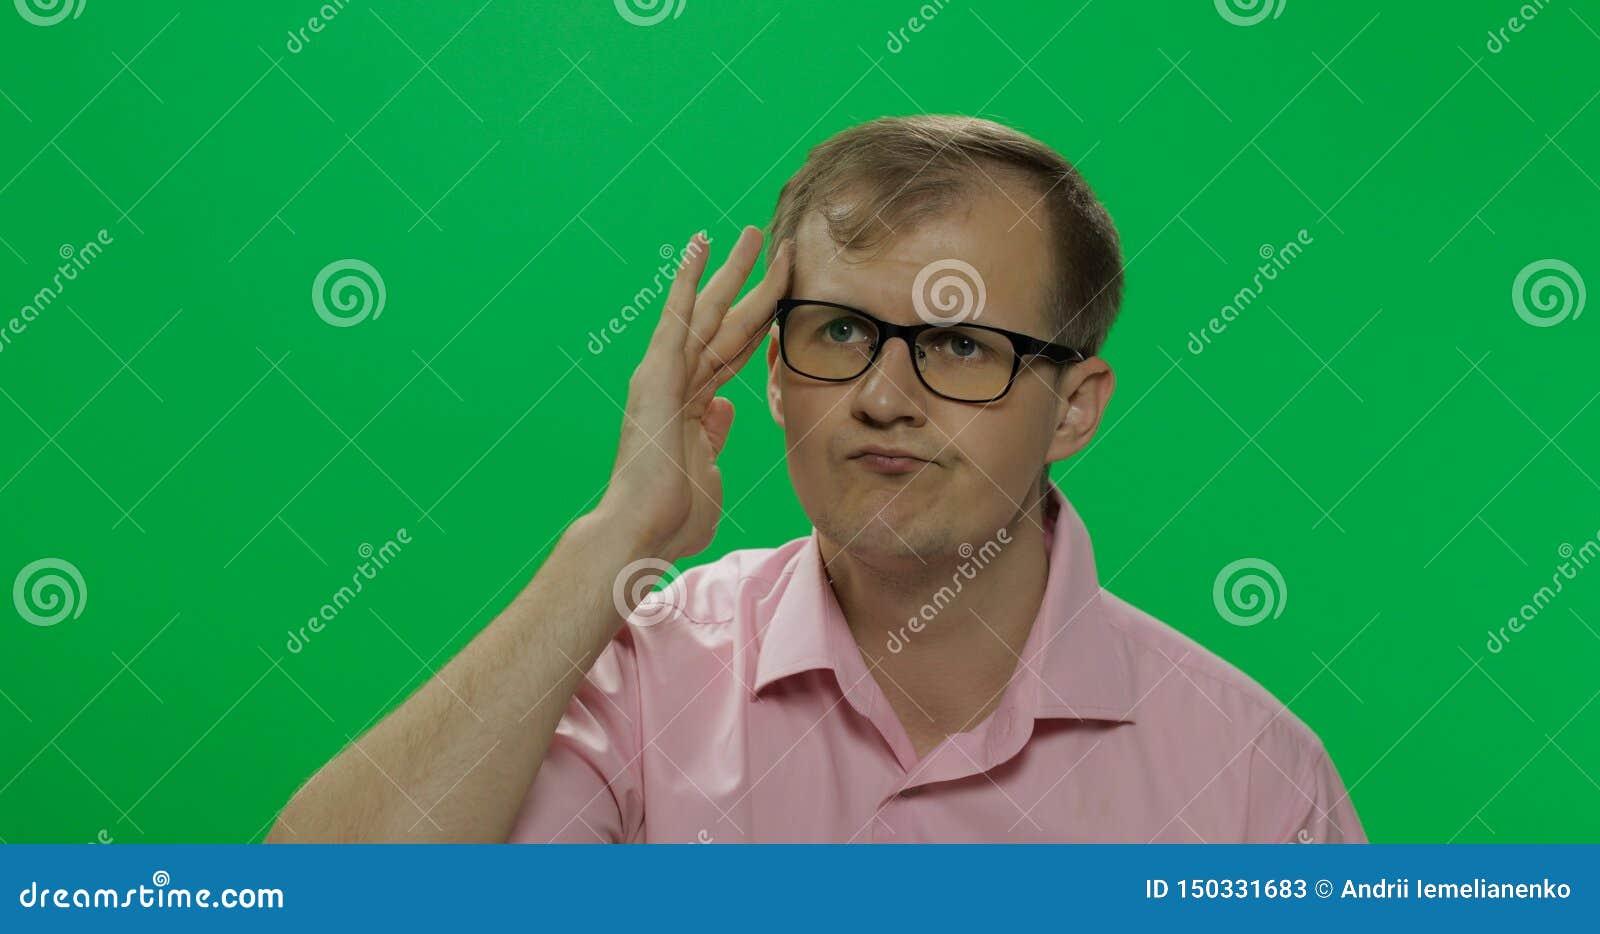 De knappe nadenkende mens in roze overhemd denkt over iets Twee in: 1